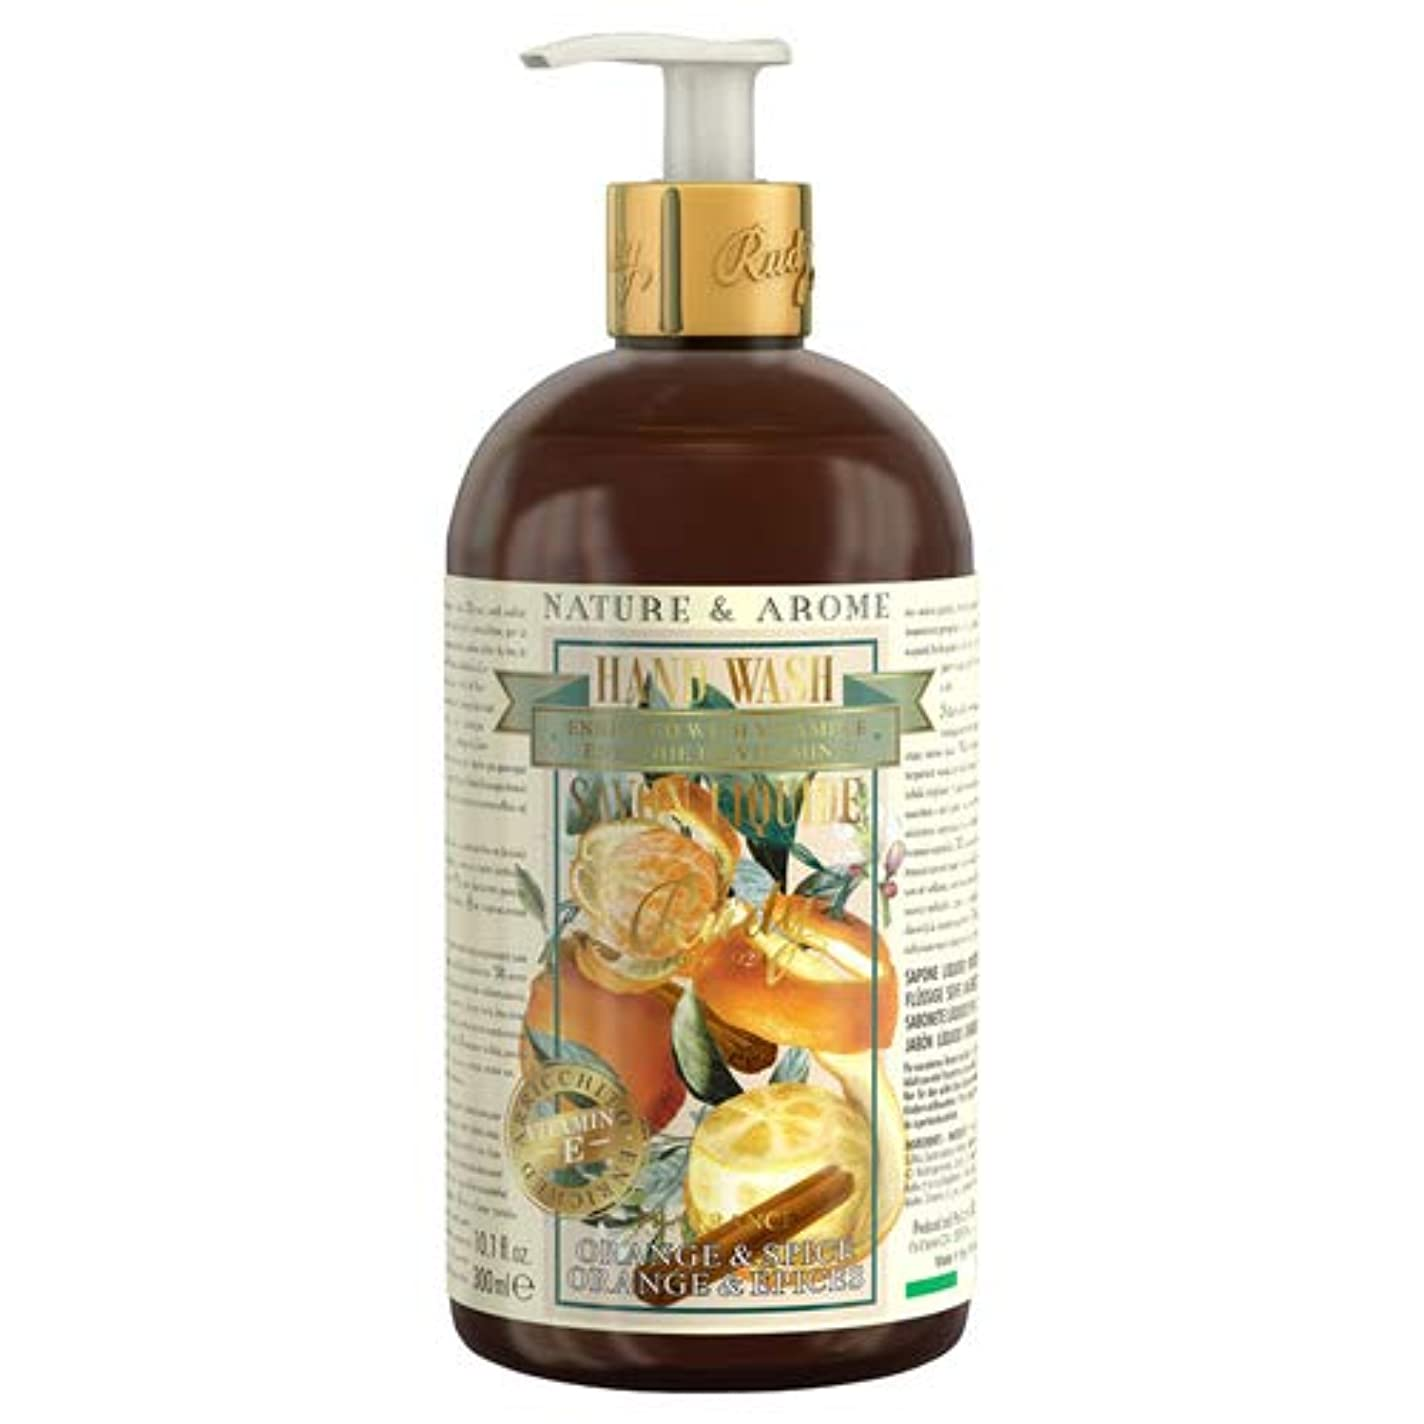 文法ジェム反対にRUDY Nature&Arome Apothecary ネイチャーアロマ アポセカリー Hand Wash ハンドウォッシュ(ボディソープ) Orange & Spice オレンジ&スパイス